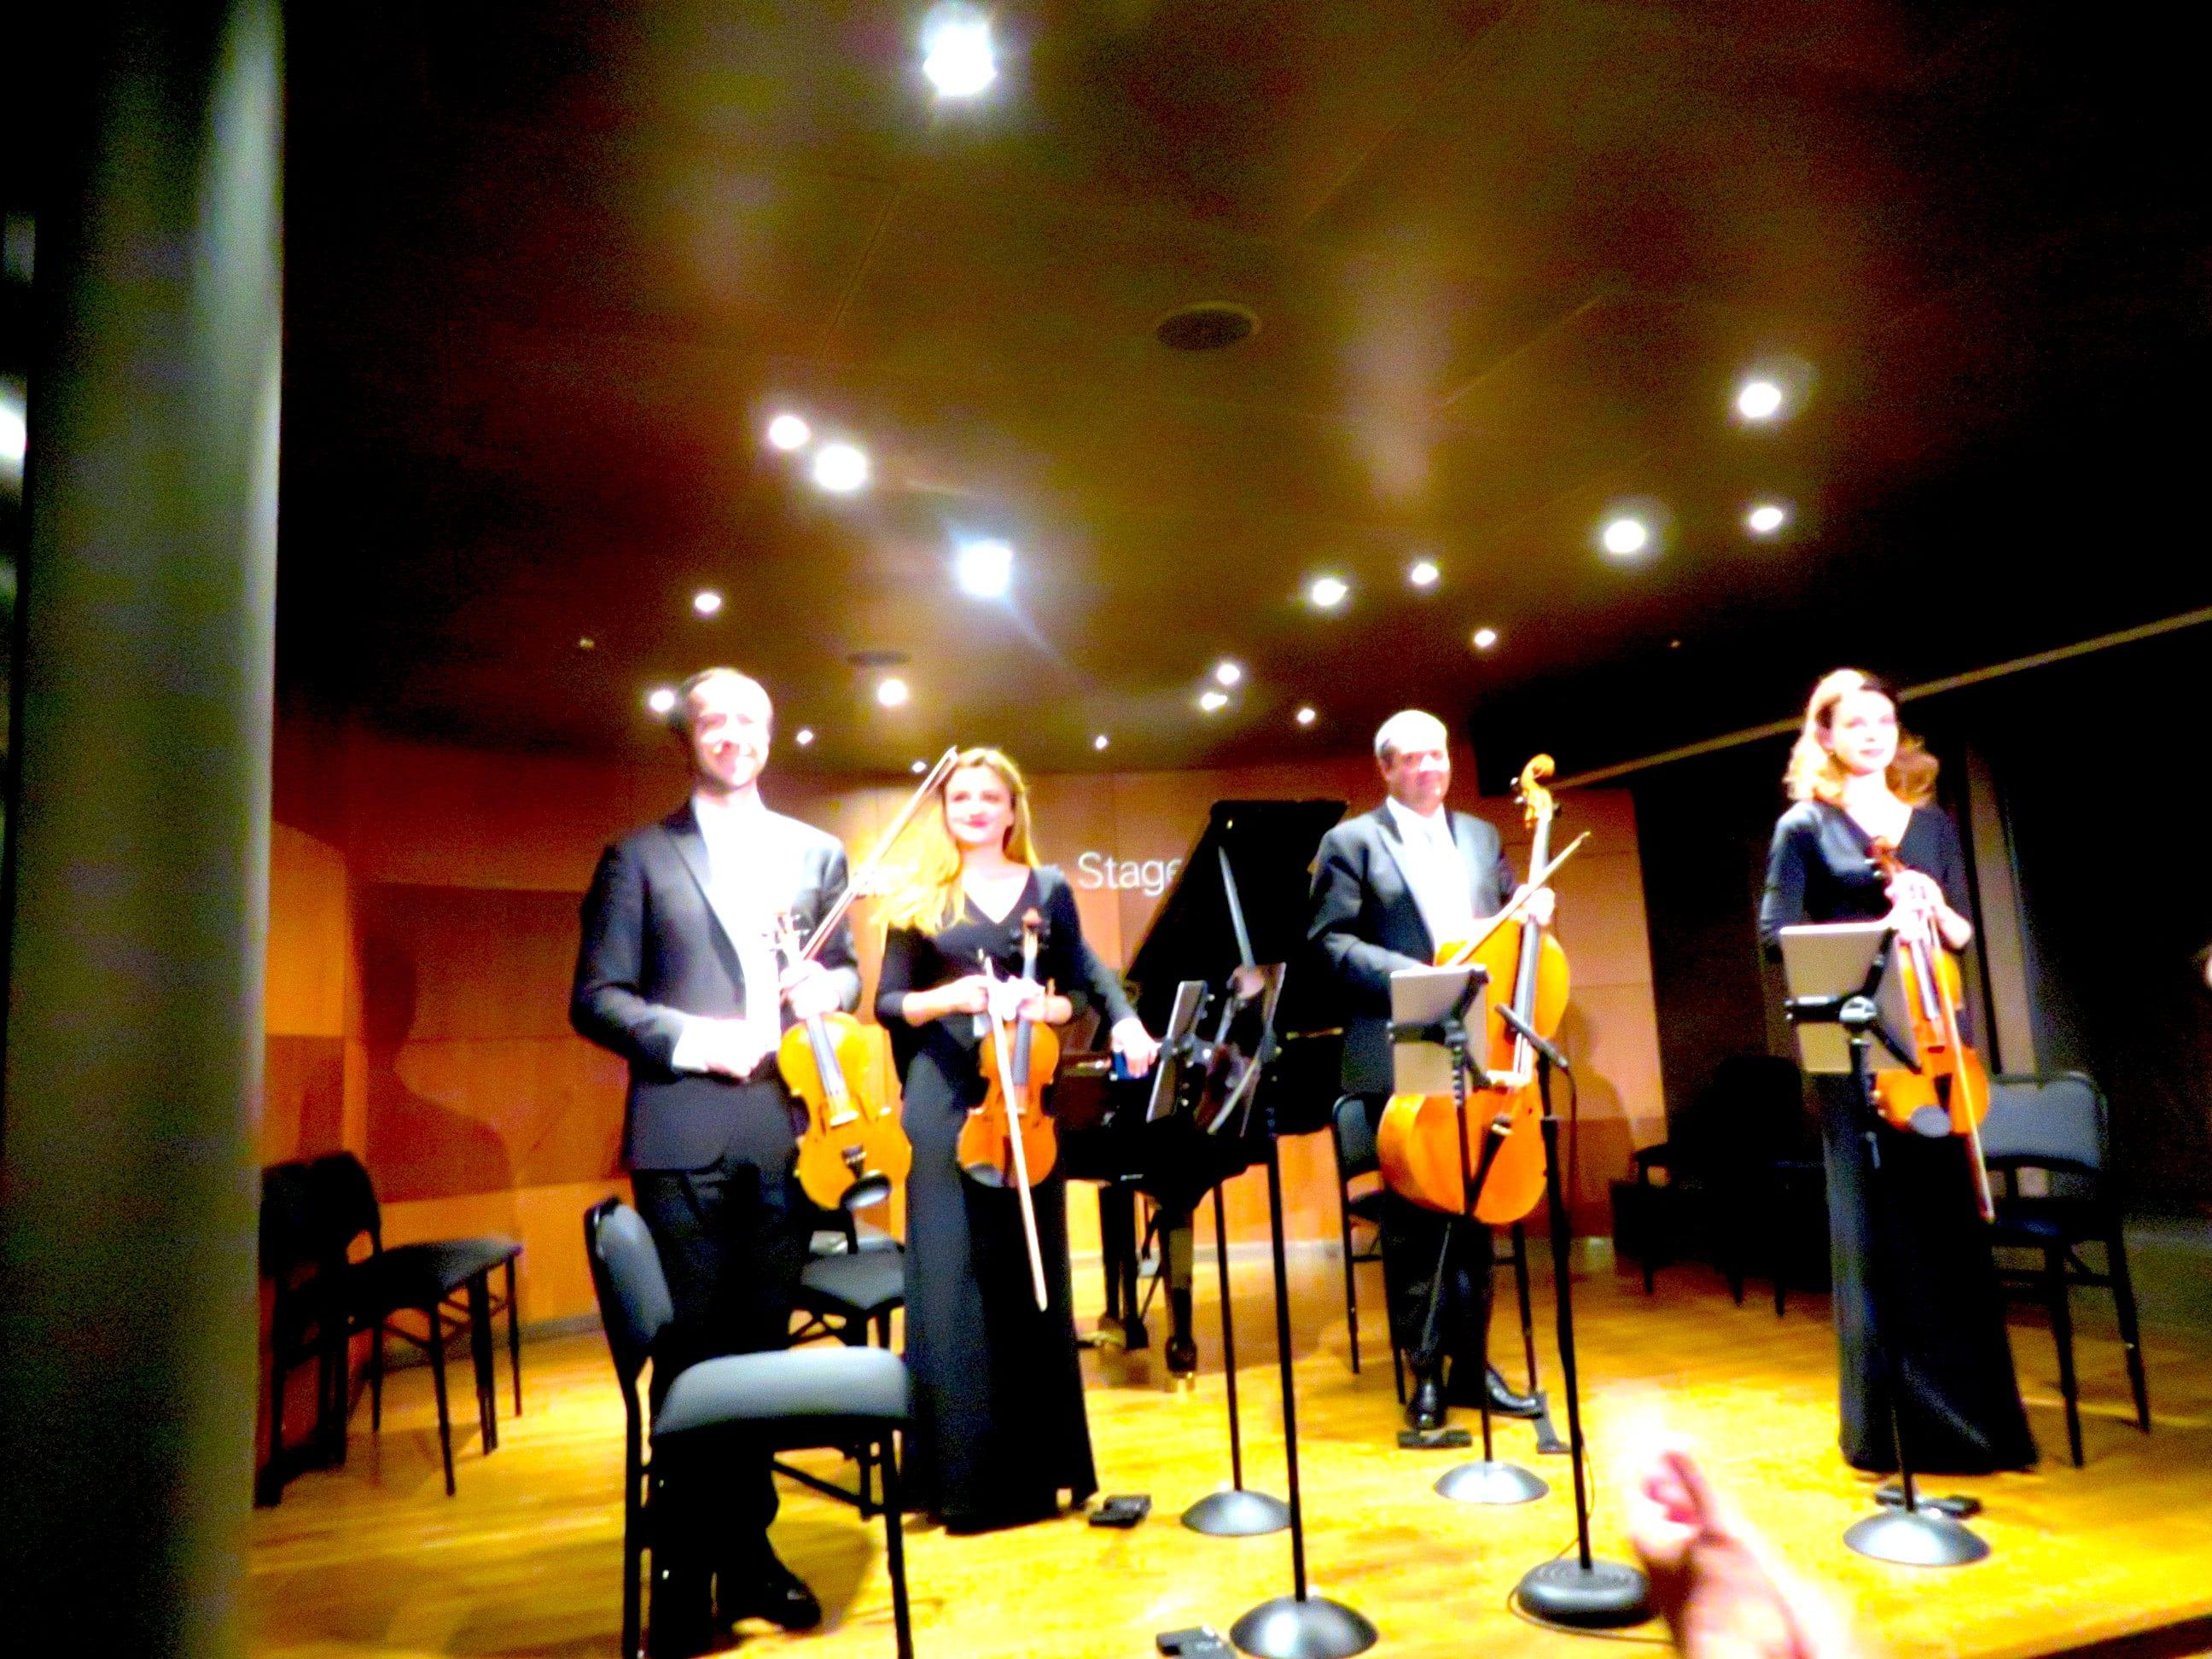 ニューアムステルダムで生演奏のピアノと弦楽四重奏